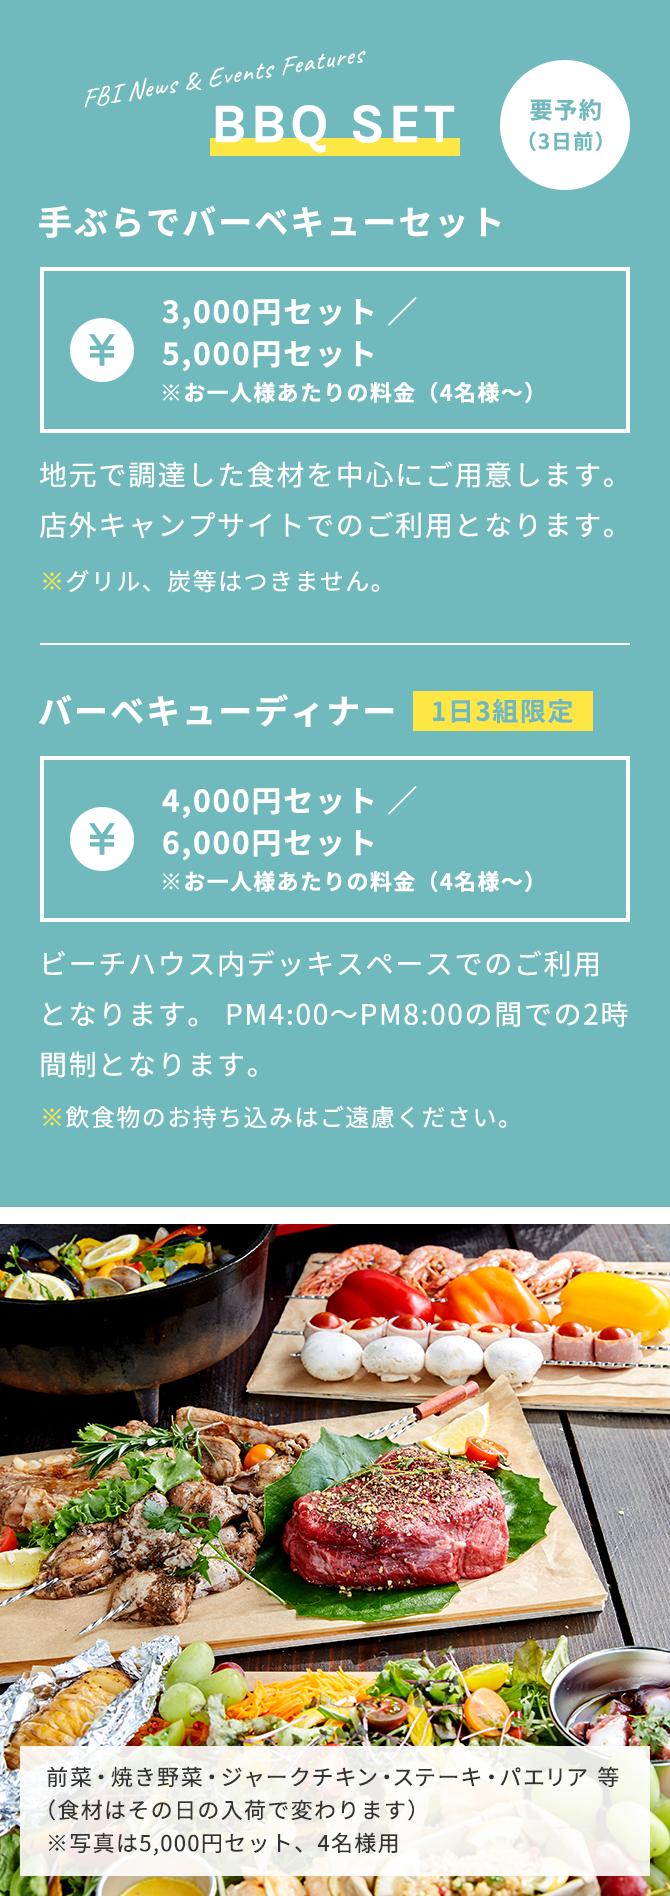 BBQ SET 要予約(3日前)手ぶらでバーベキューセット 3,000円セット/5,000円セット ※お一人様あたりの料金(4名様~)地元で調達した食材を中心にご用意いたします。店外キャンプサイトでのご利用となります。※グリル、炭等はつきません。バーベキューディナー(1日3組限定)4,000円セット/6,000円セット※お一人様あたりの料金(4名様~)ビーチハウス内デッキスペースでのご利用となります。PM4:00~PM8:00の間での2時間制となります。※飲食物のお持ち込みはご遠慮ください。